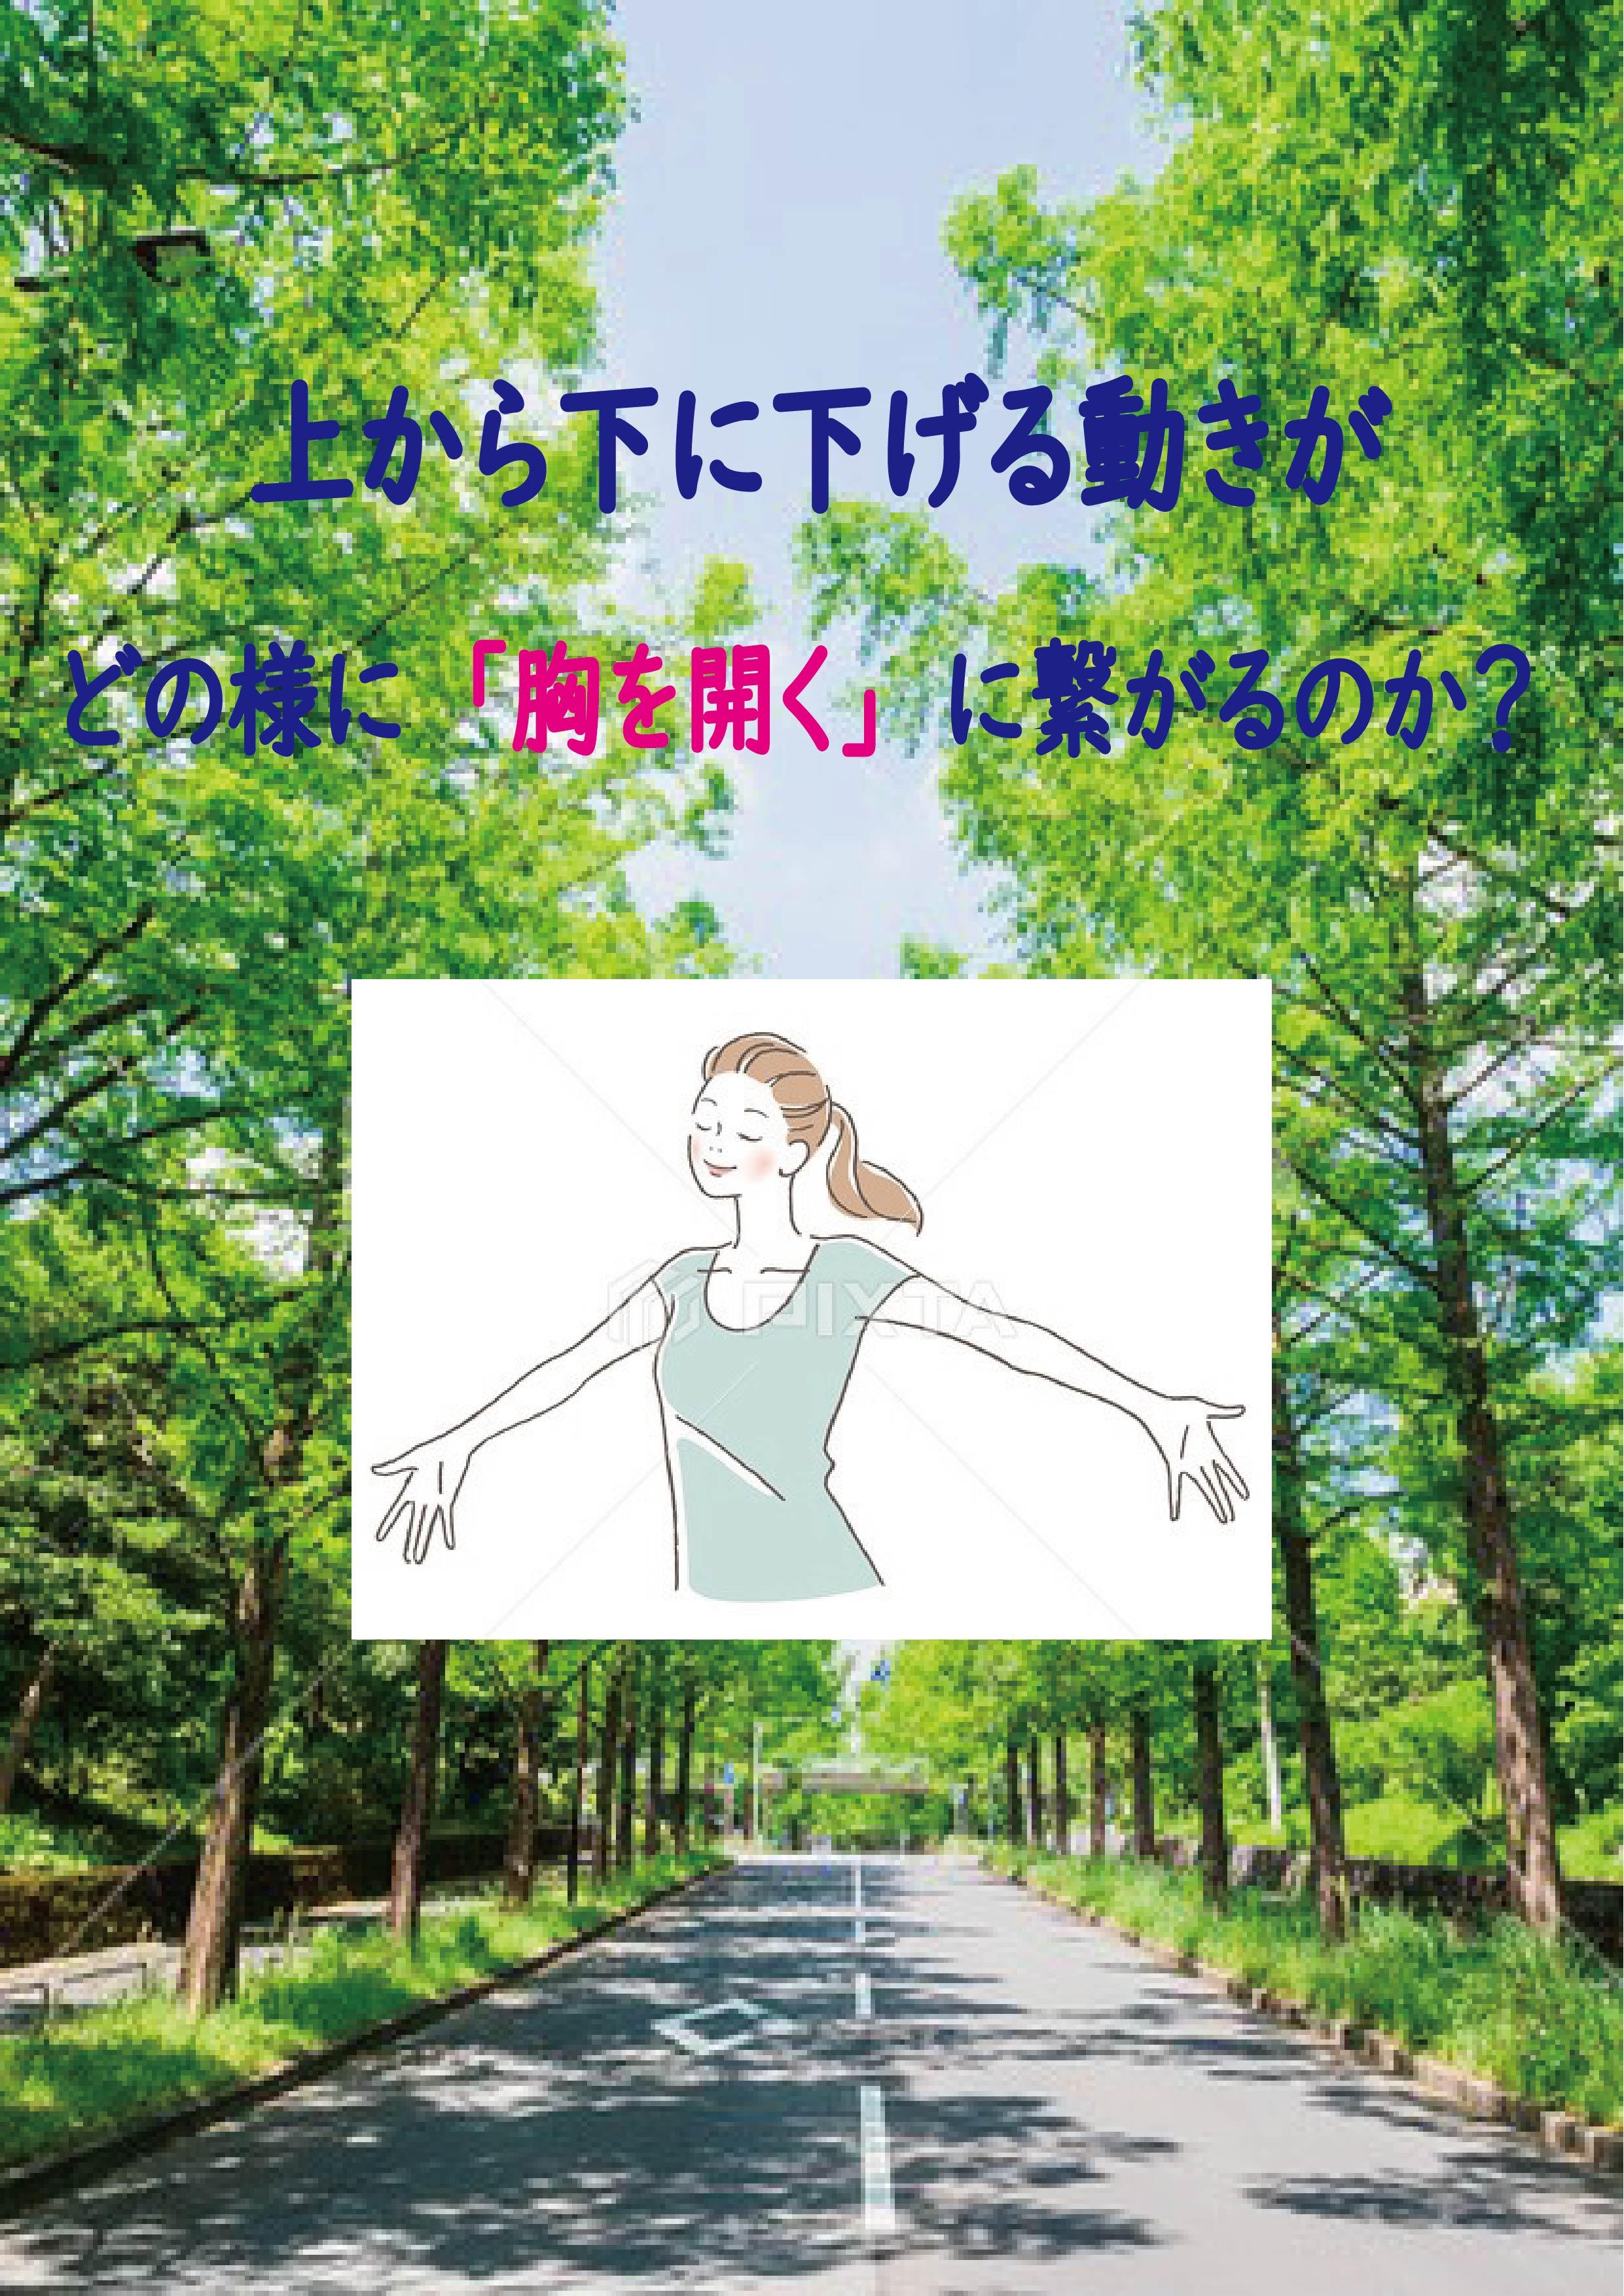 大岡山で肩こりを根本から改善するトレーニング